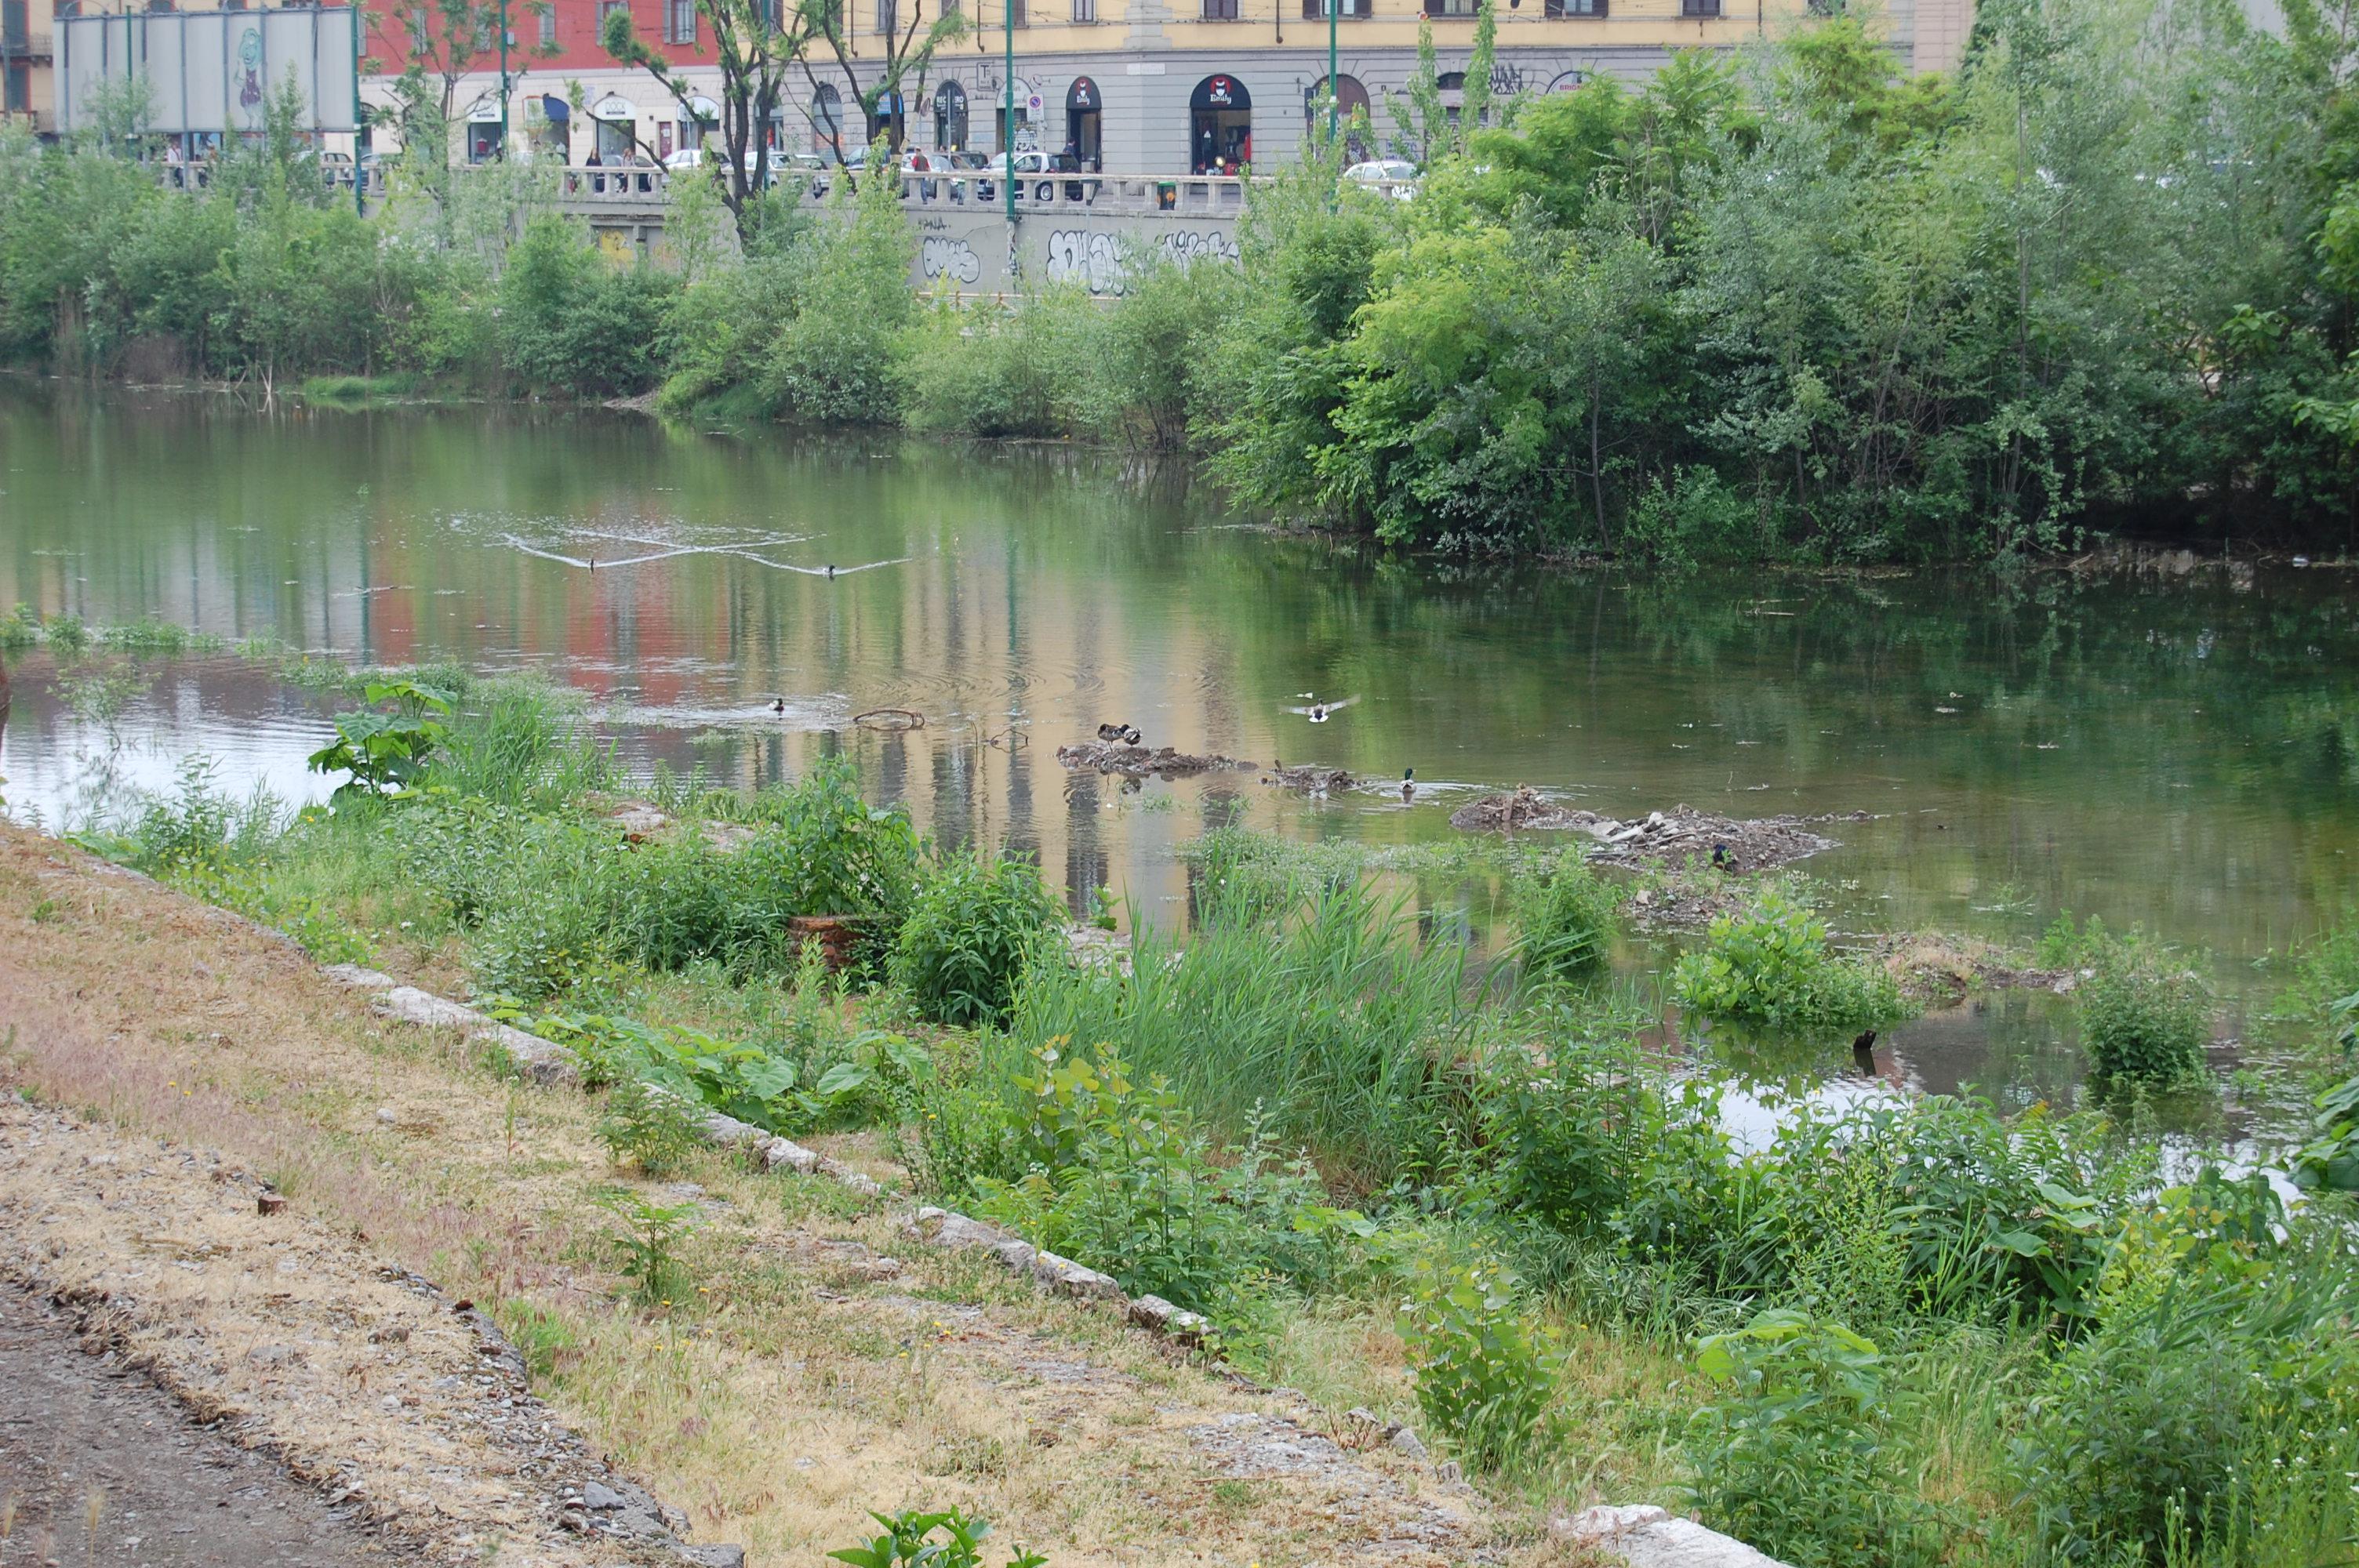 Milano, Darsena dei Navigli,  avifauna acquatica